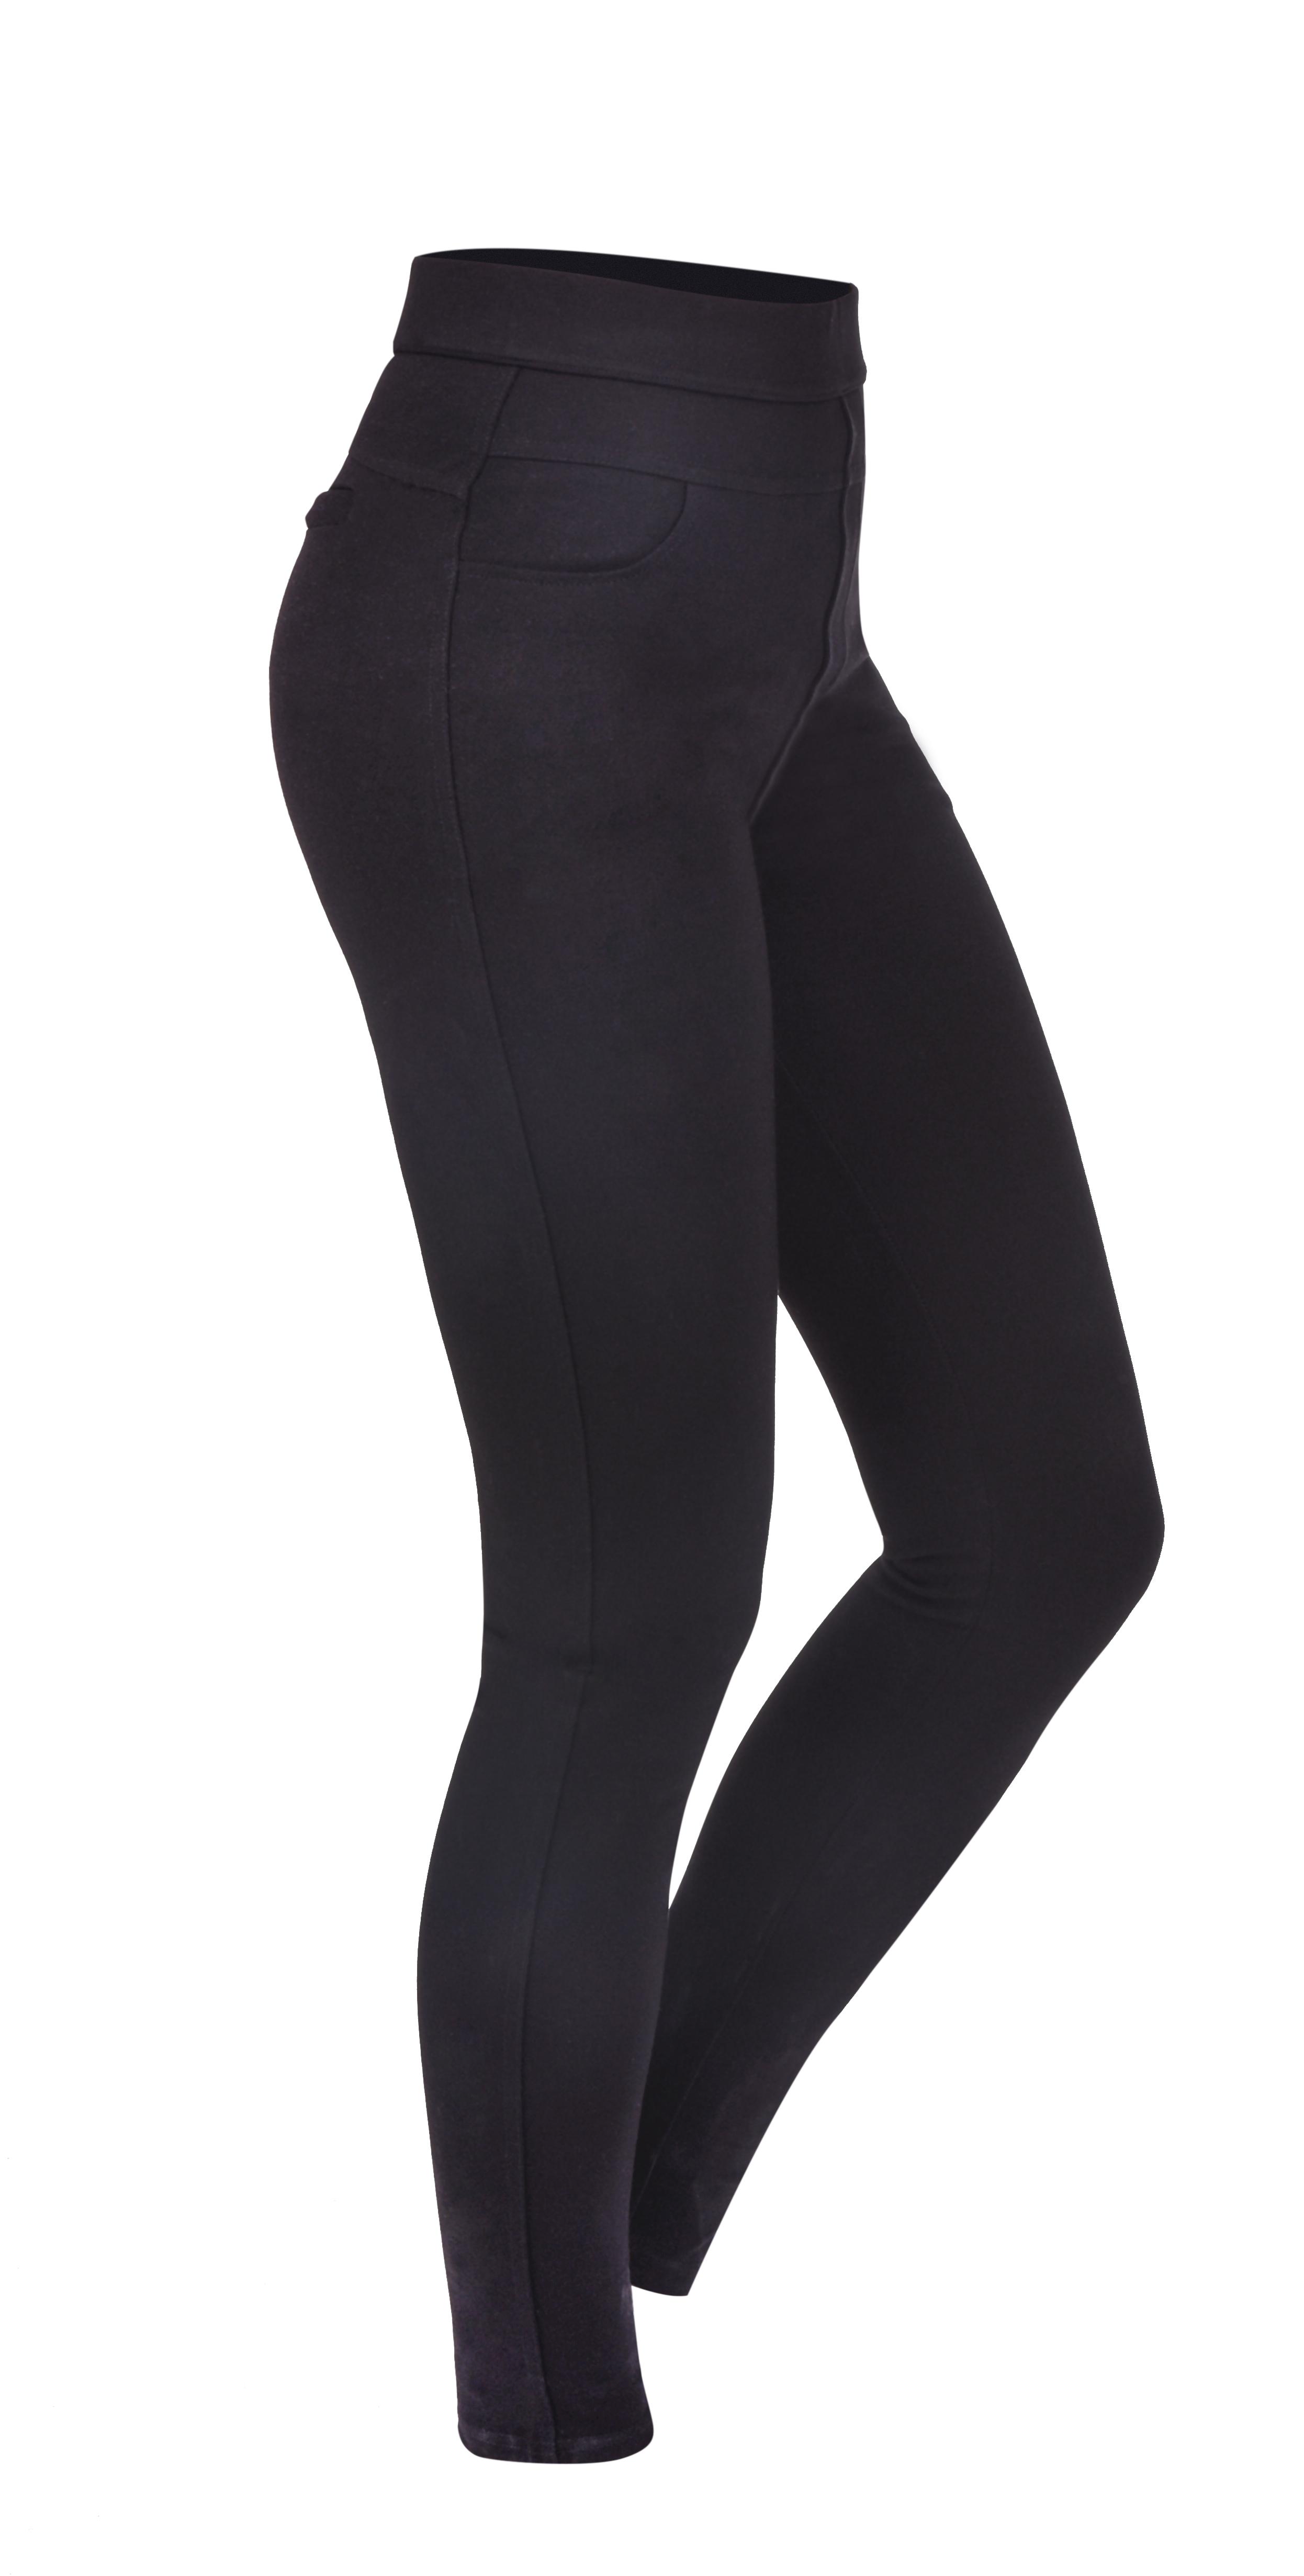 ELENÉ dámské kalhoty elastické vel.1(S)